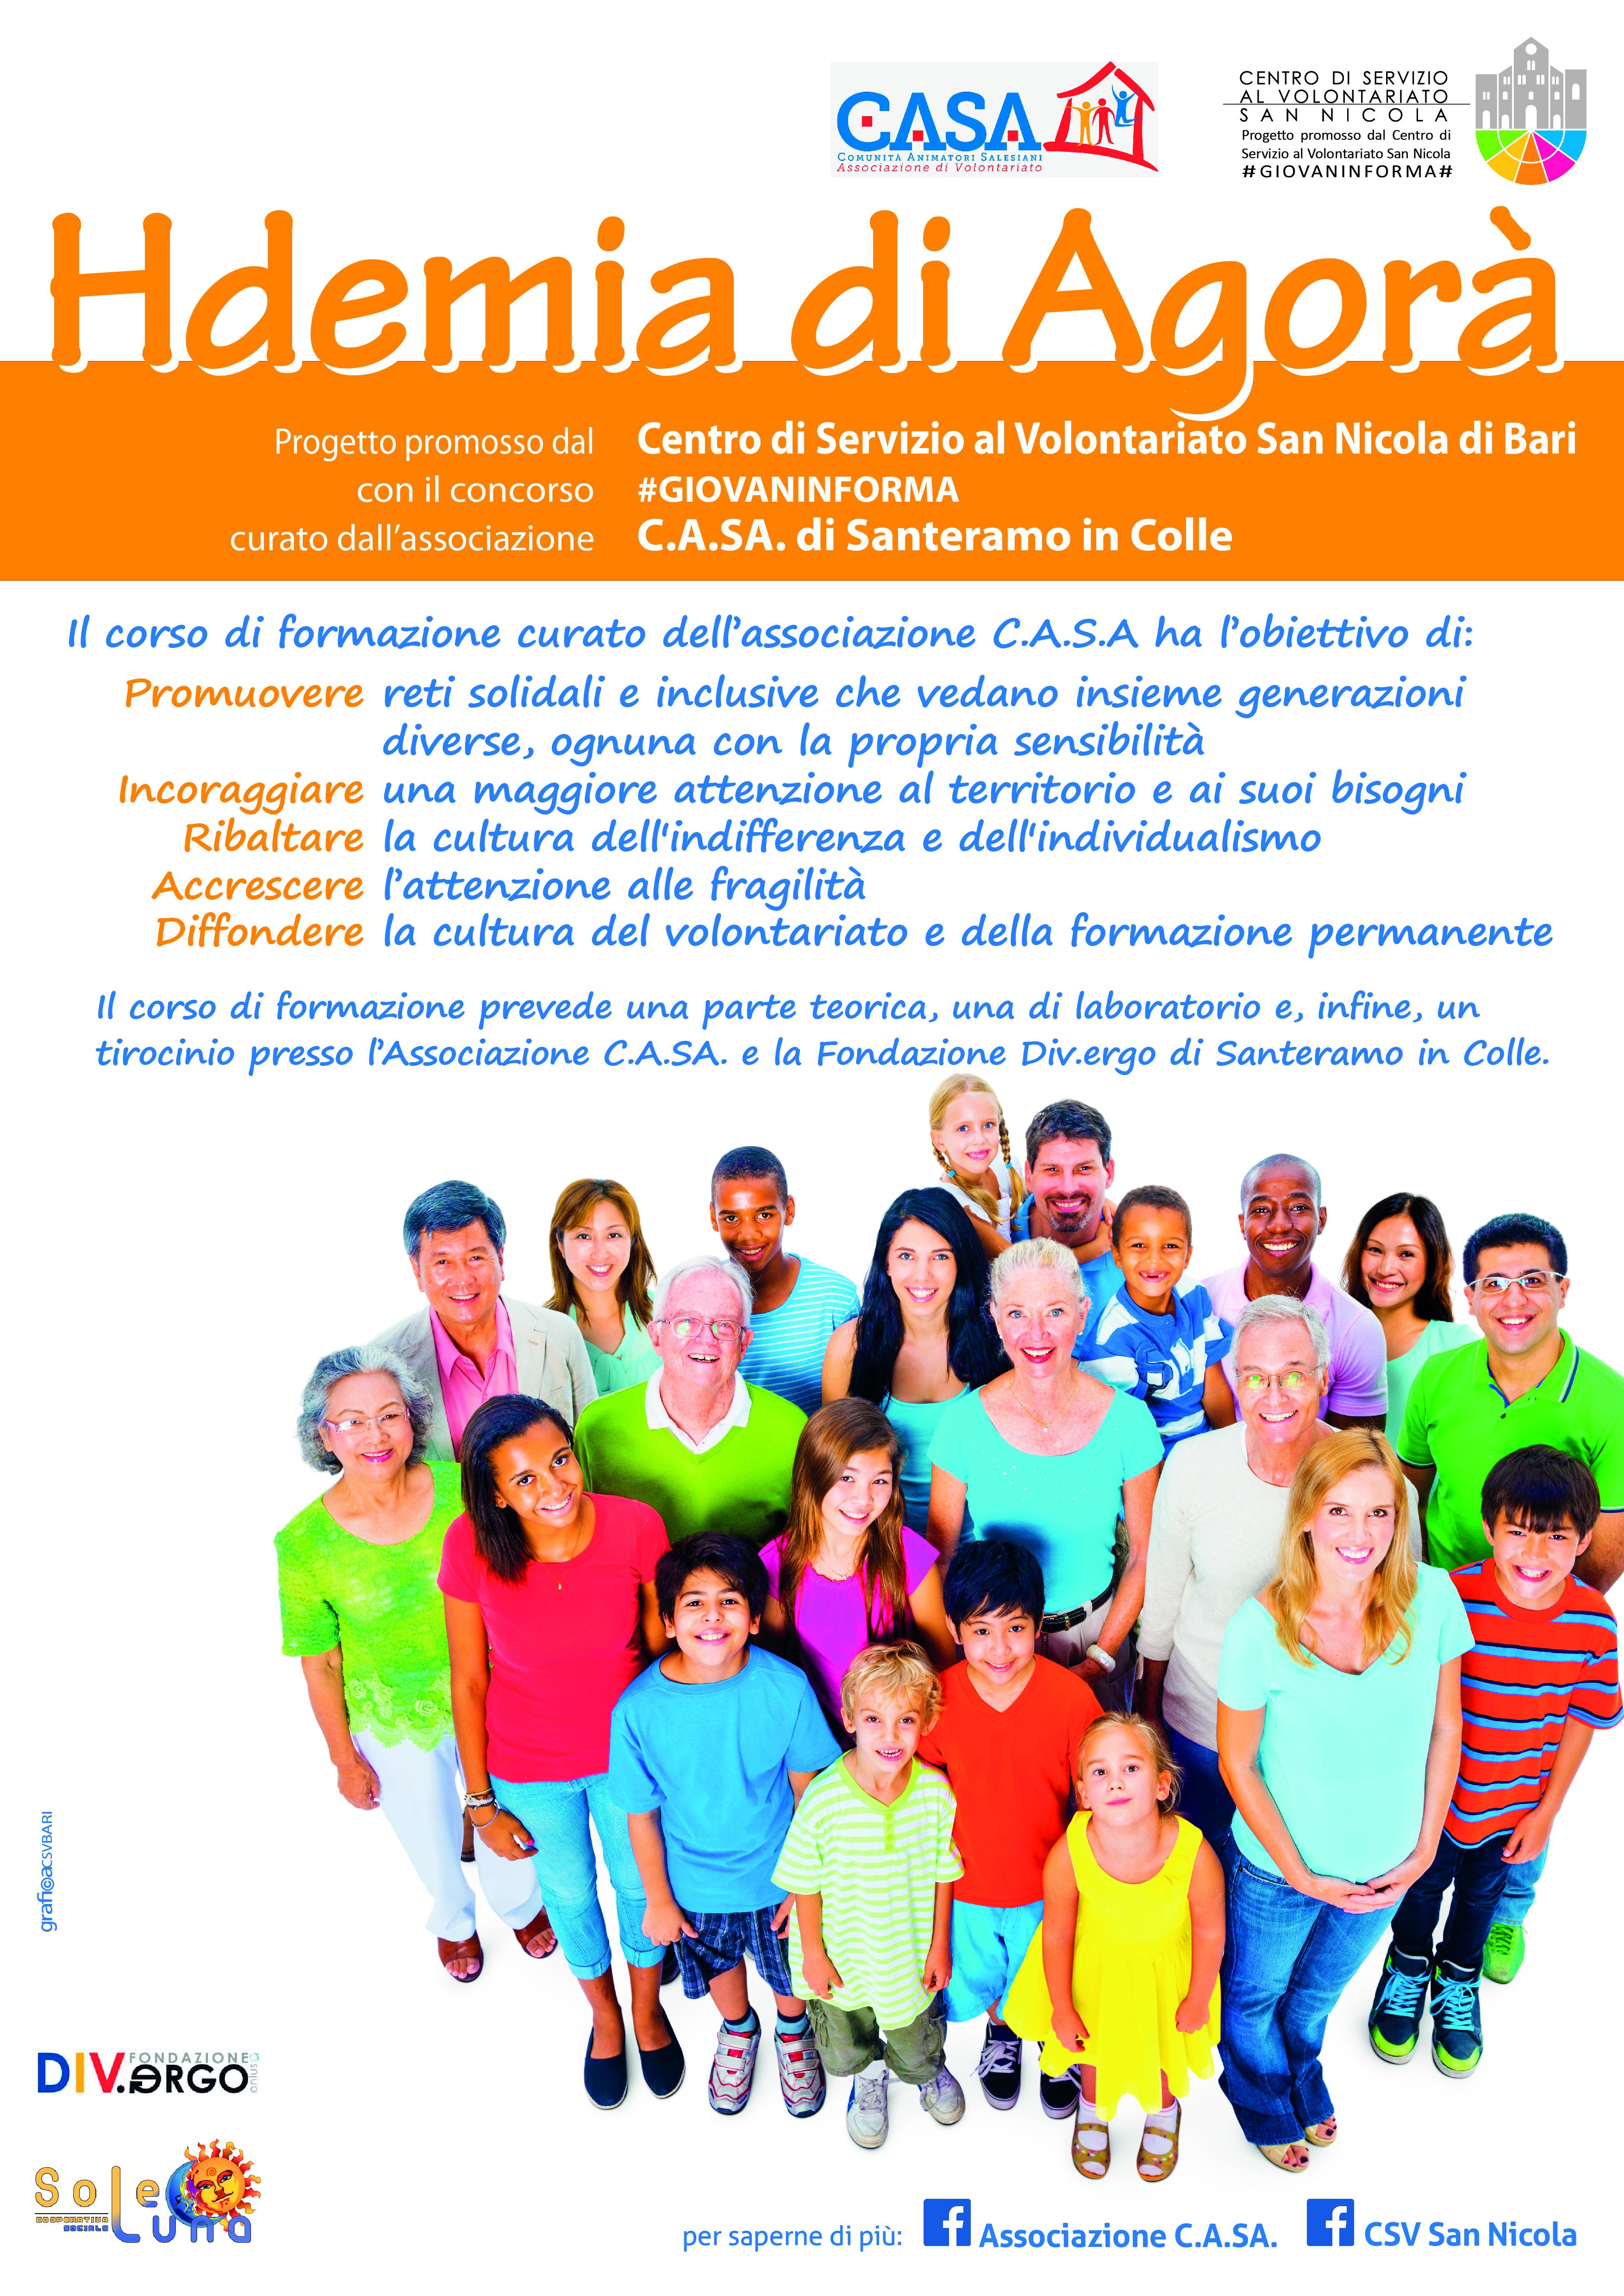 Locandina Hdemia di Agorà - Associazione C.A.SA. Santeramo in Colle - #GIOVAINFORMA - CSVSN